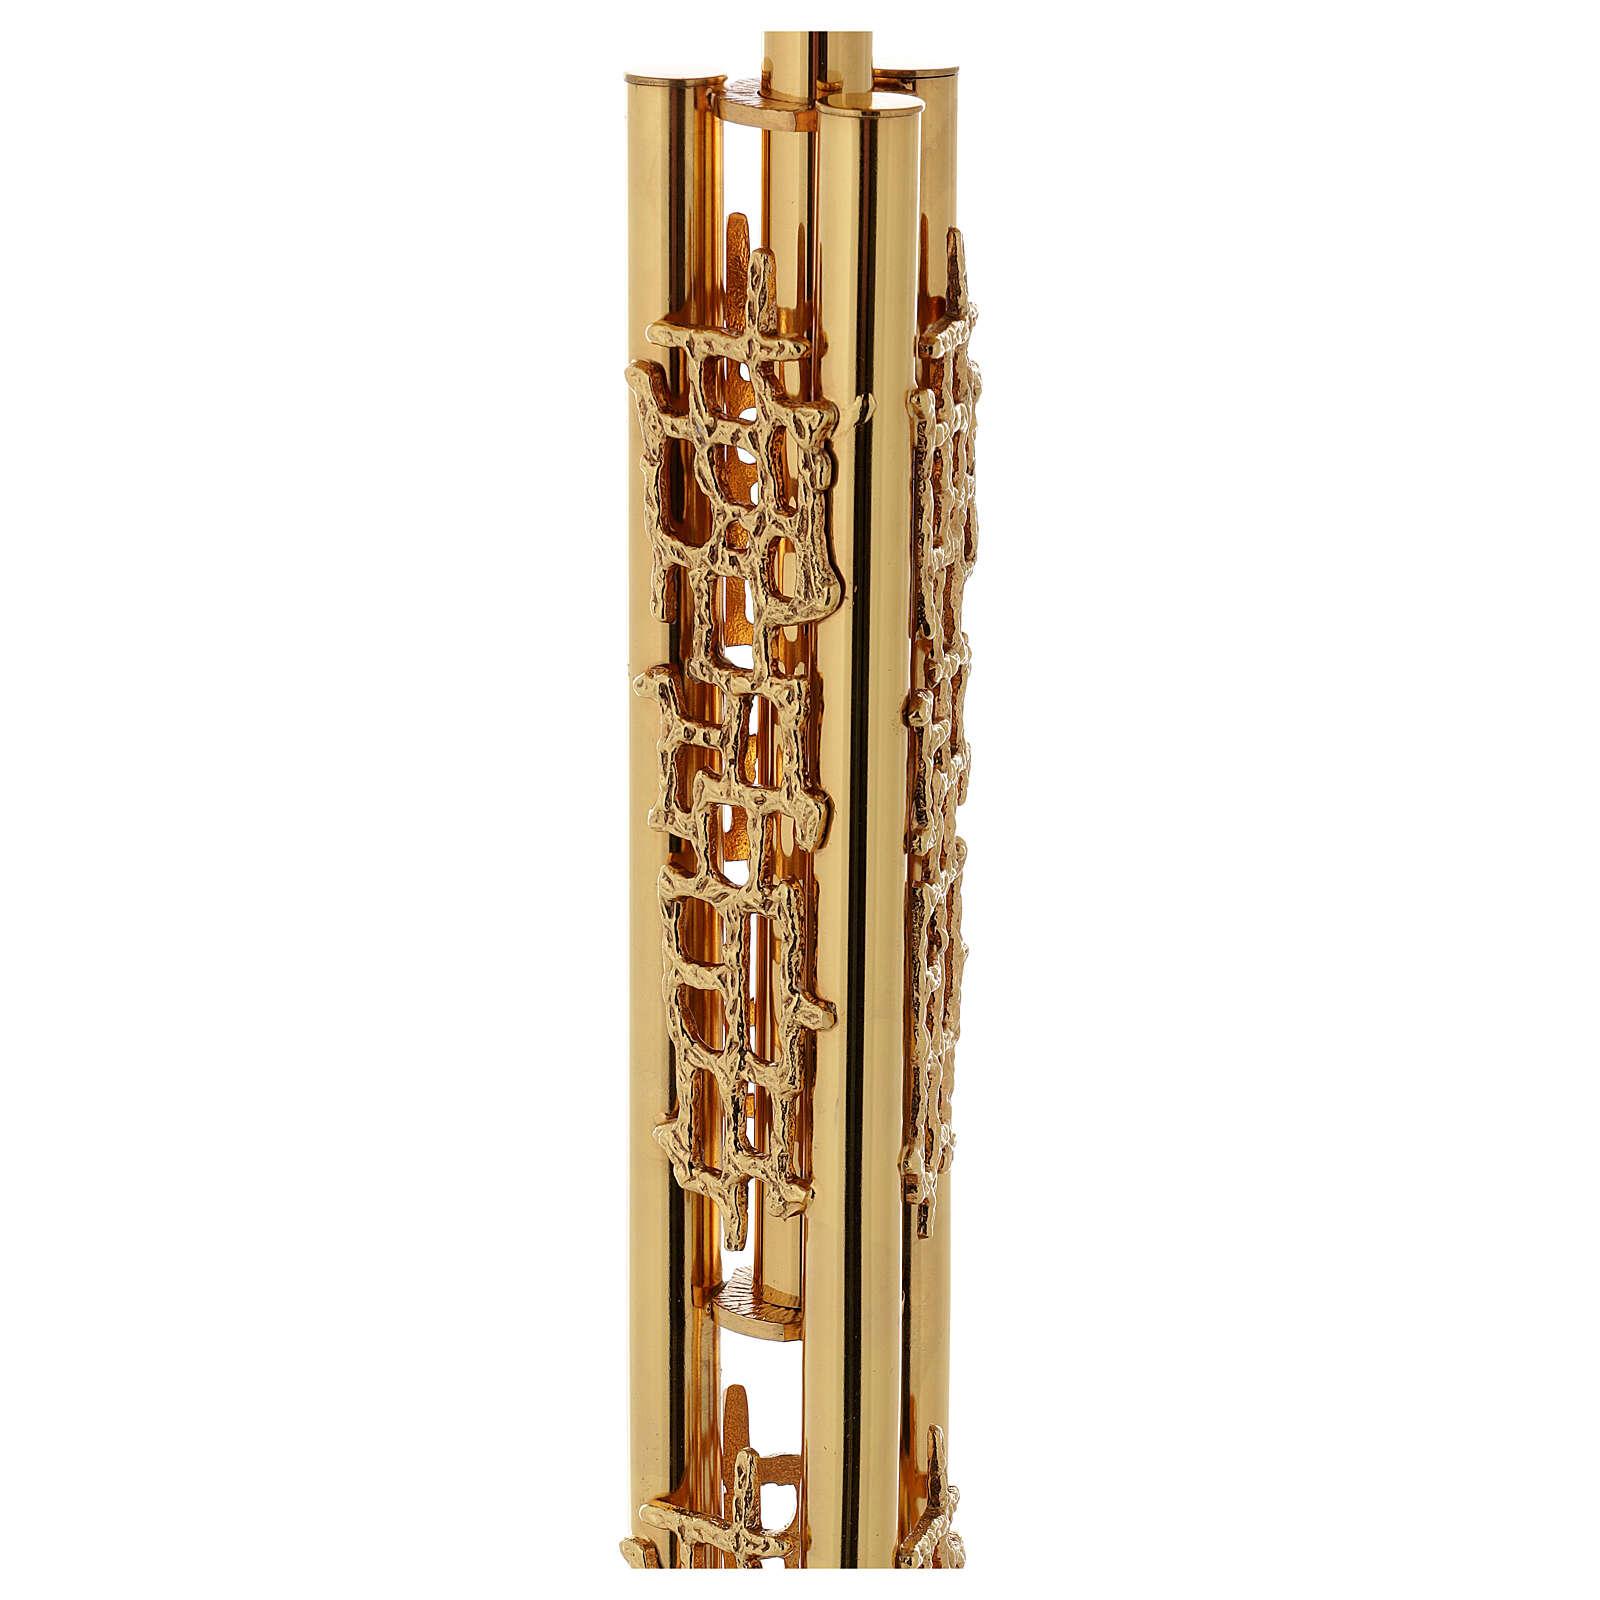 Leggio a colonna ottone dorato disegno stilizzato base marmo 4